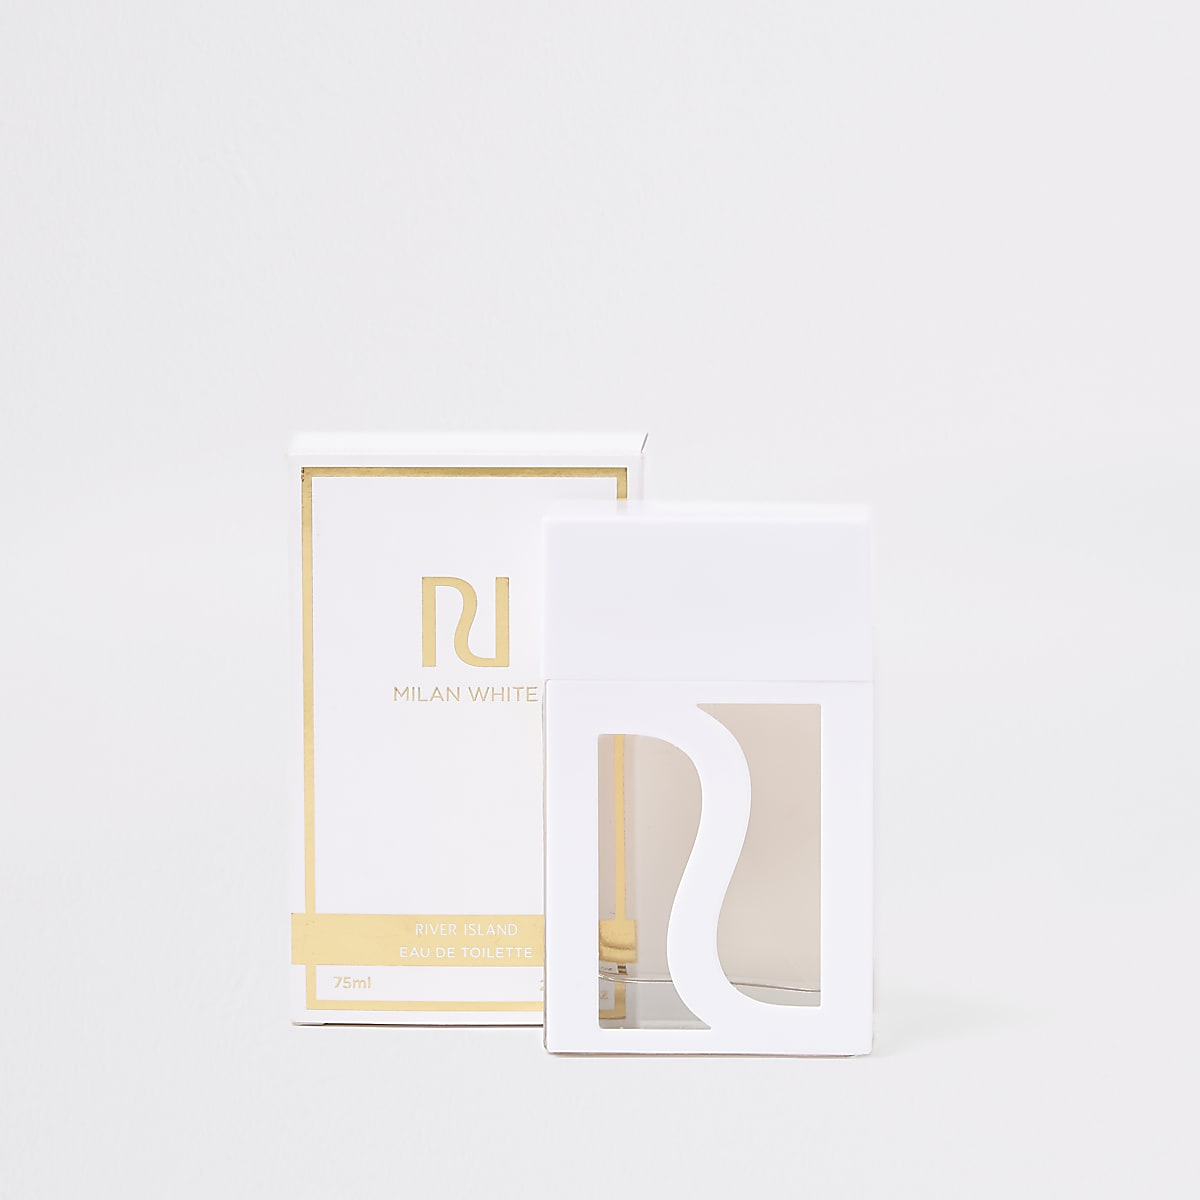 RI - Milan White - Eau de toilette